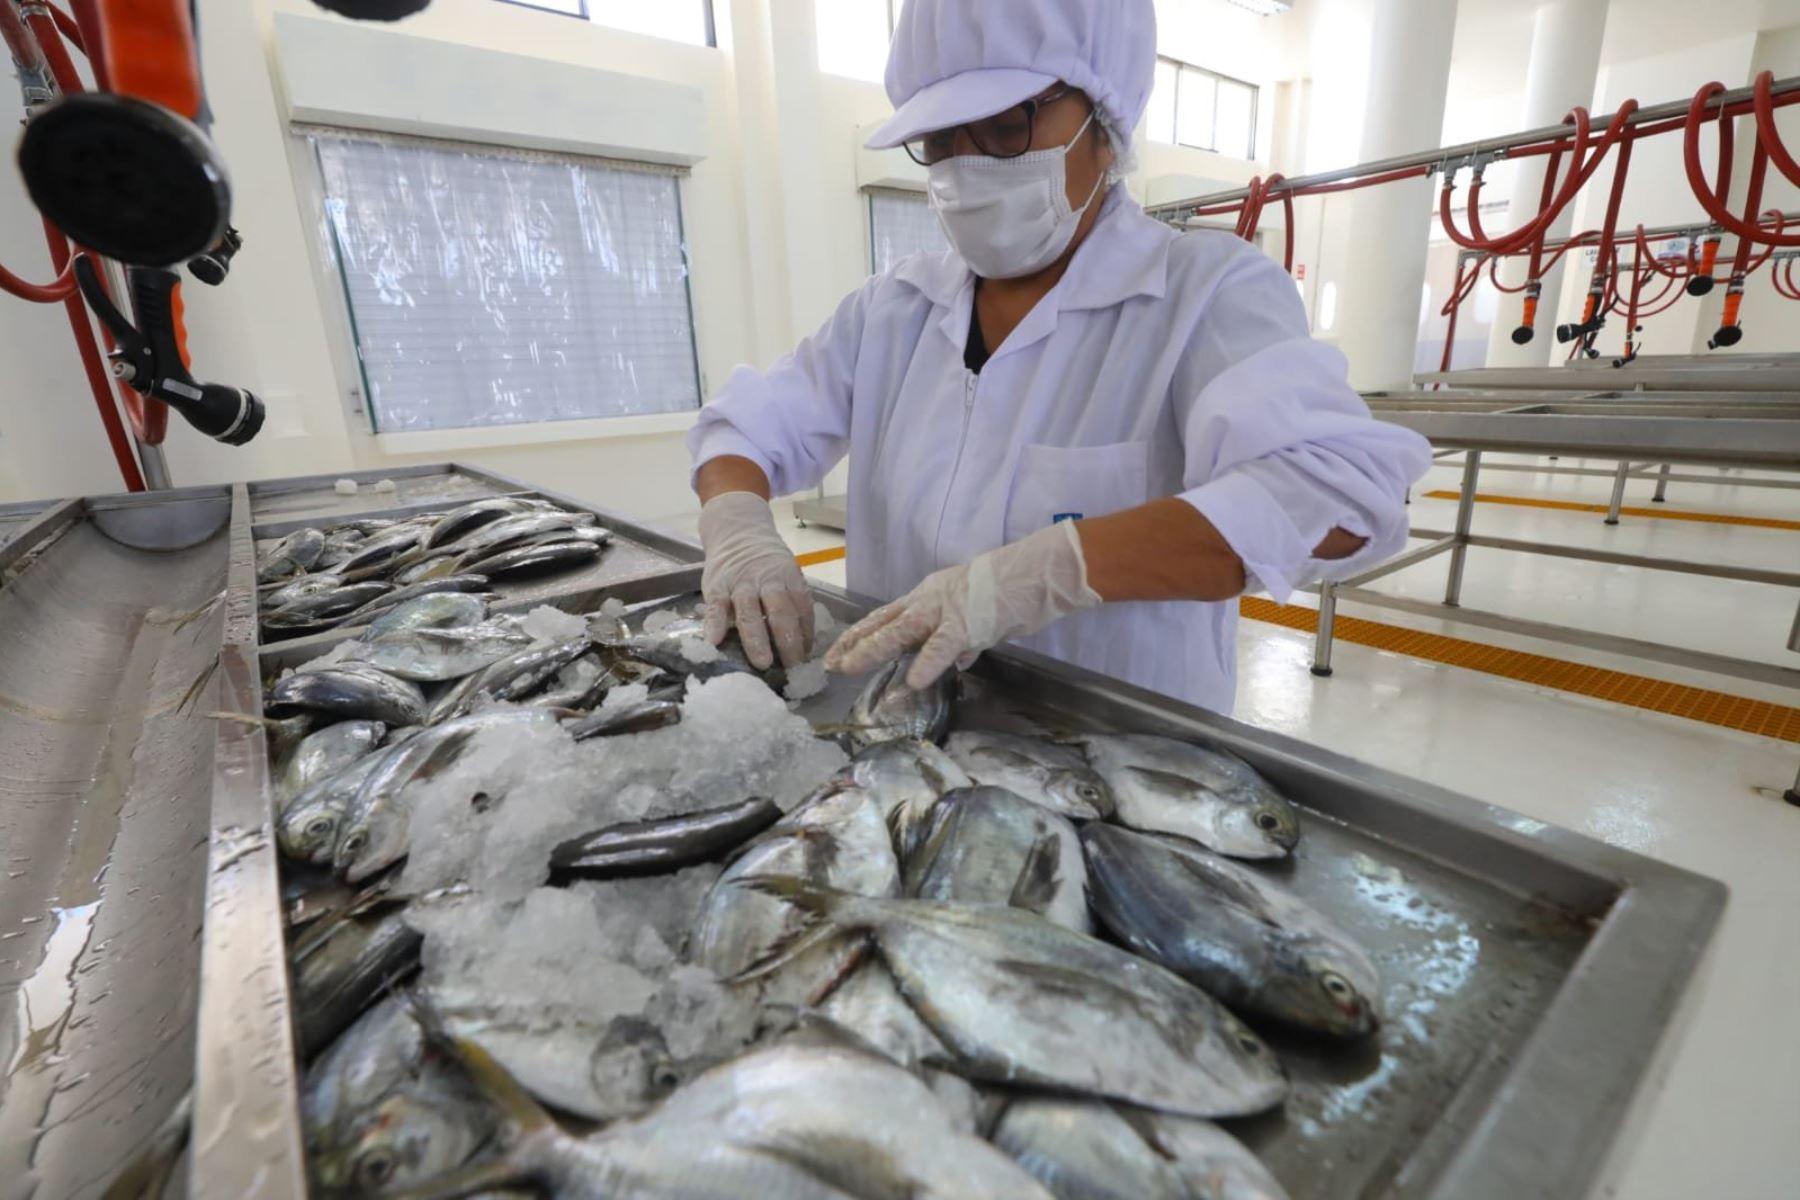 Ministro de la Producción, José Salardi pone en marcha el DPA San José en Lambayeque, infraestructura pesquera artesanal moderna y habilitada sanitariamente, para brindar mejores condiciones de trabajo y permitir una mayor productividad en el desarrollo de la actividad pesquera artesanal.  Foto: ANDINA/Produce